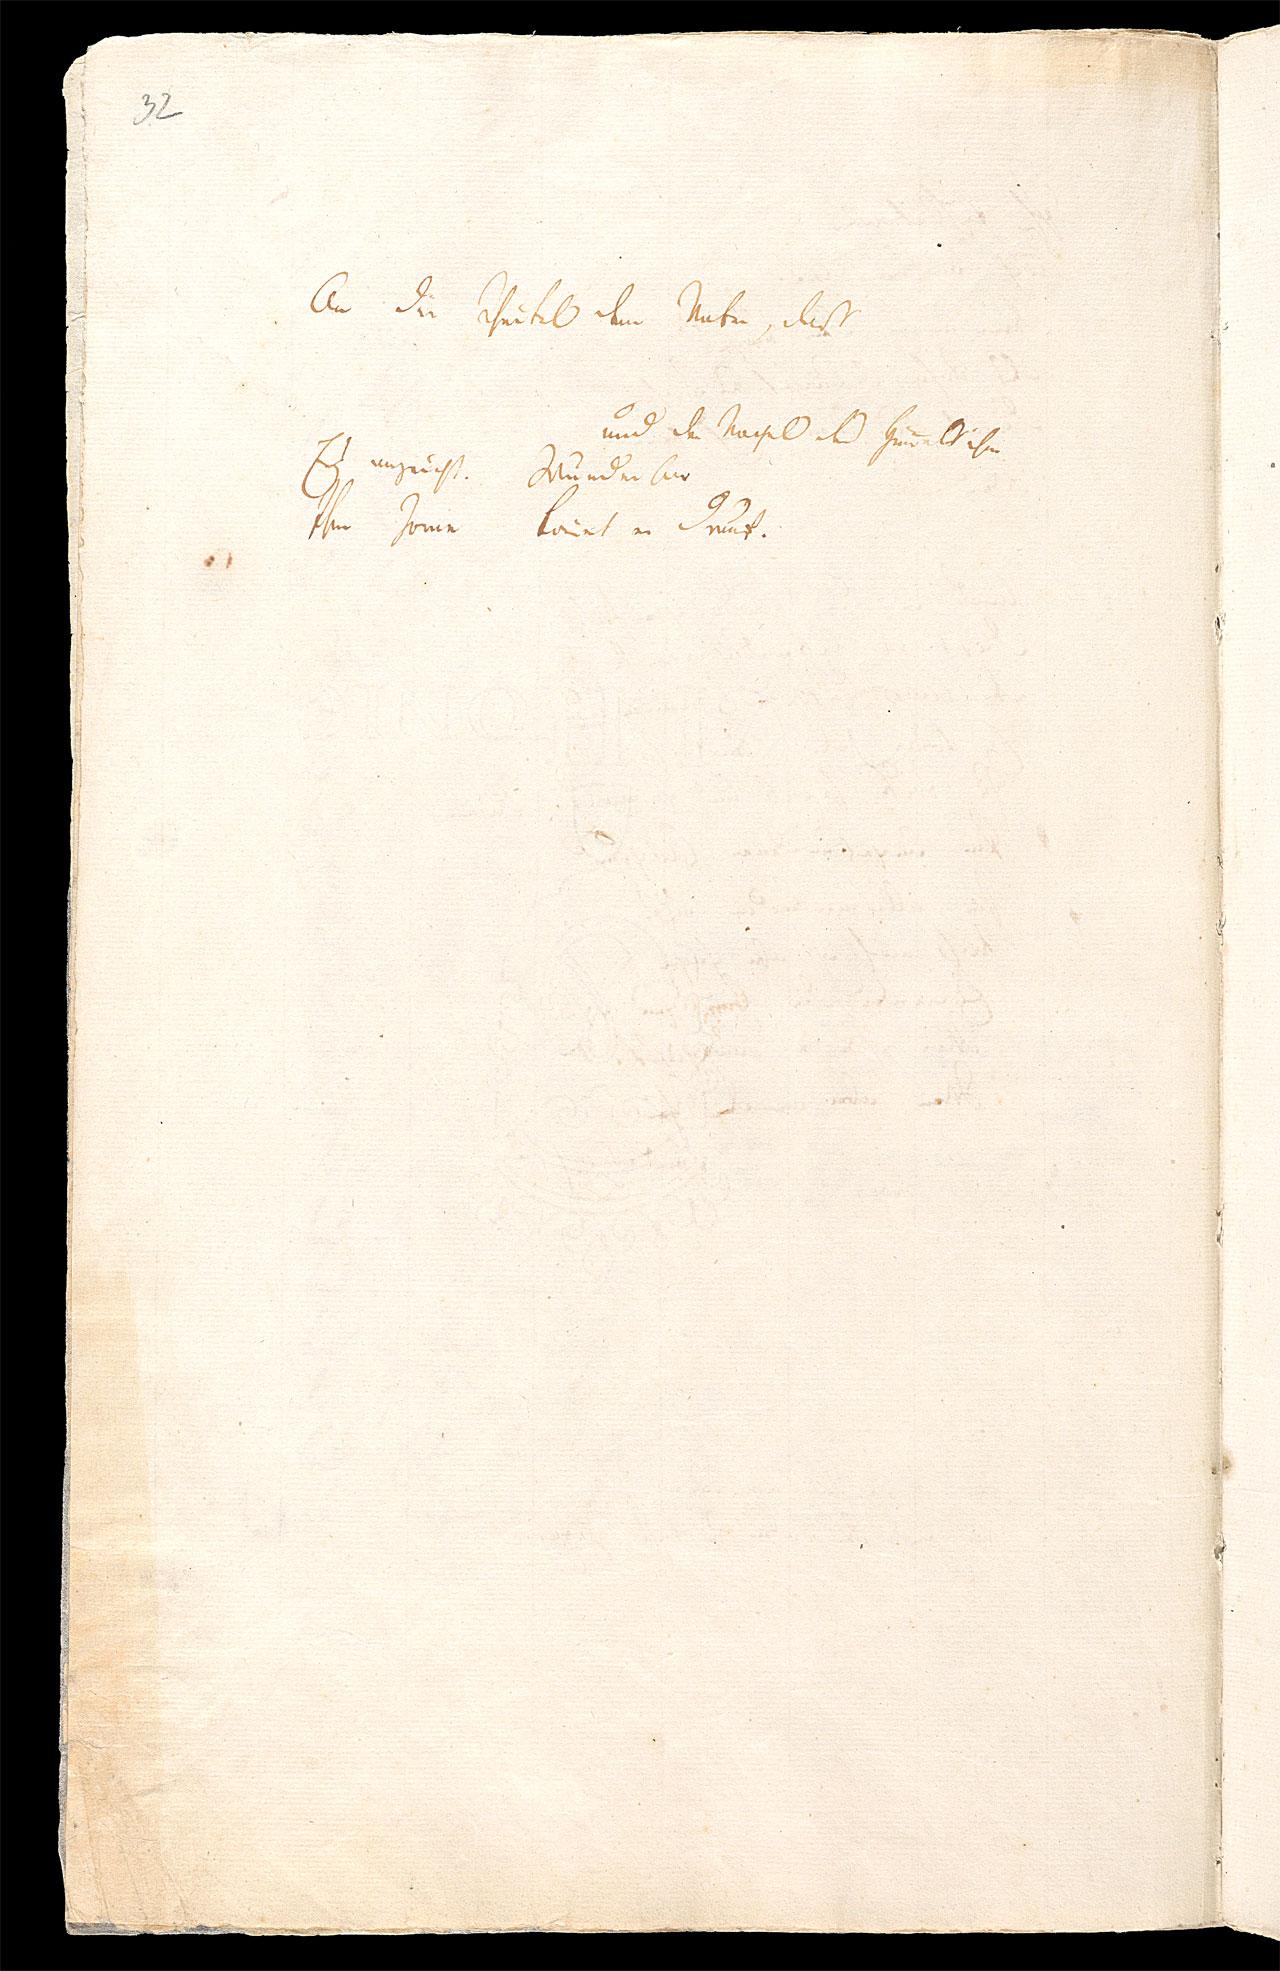 Friedrich Hölderlin, Homburger Folioheft, Seite 32, Die Titanen, Handschrift